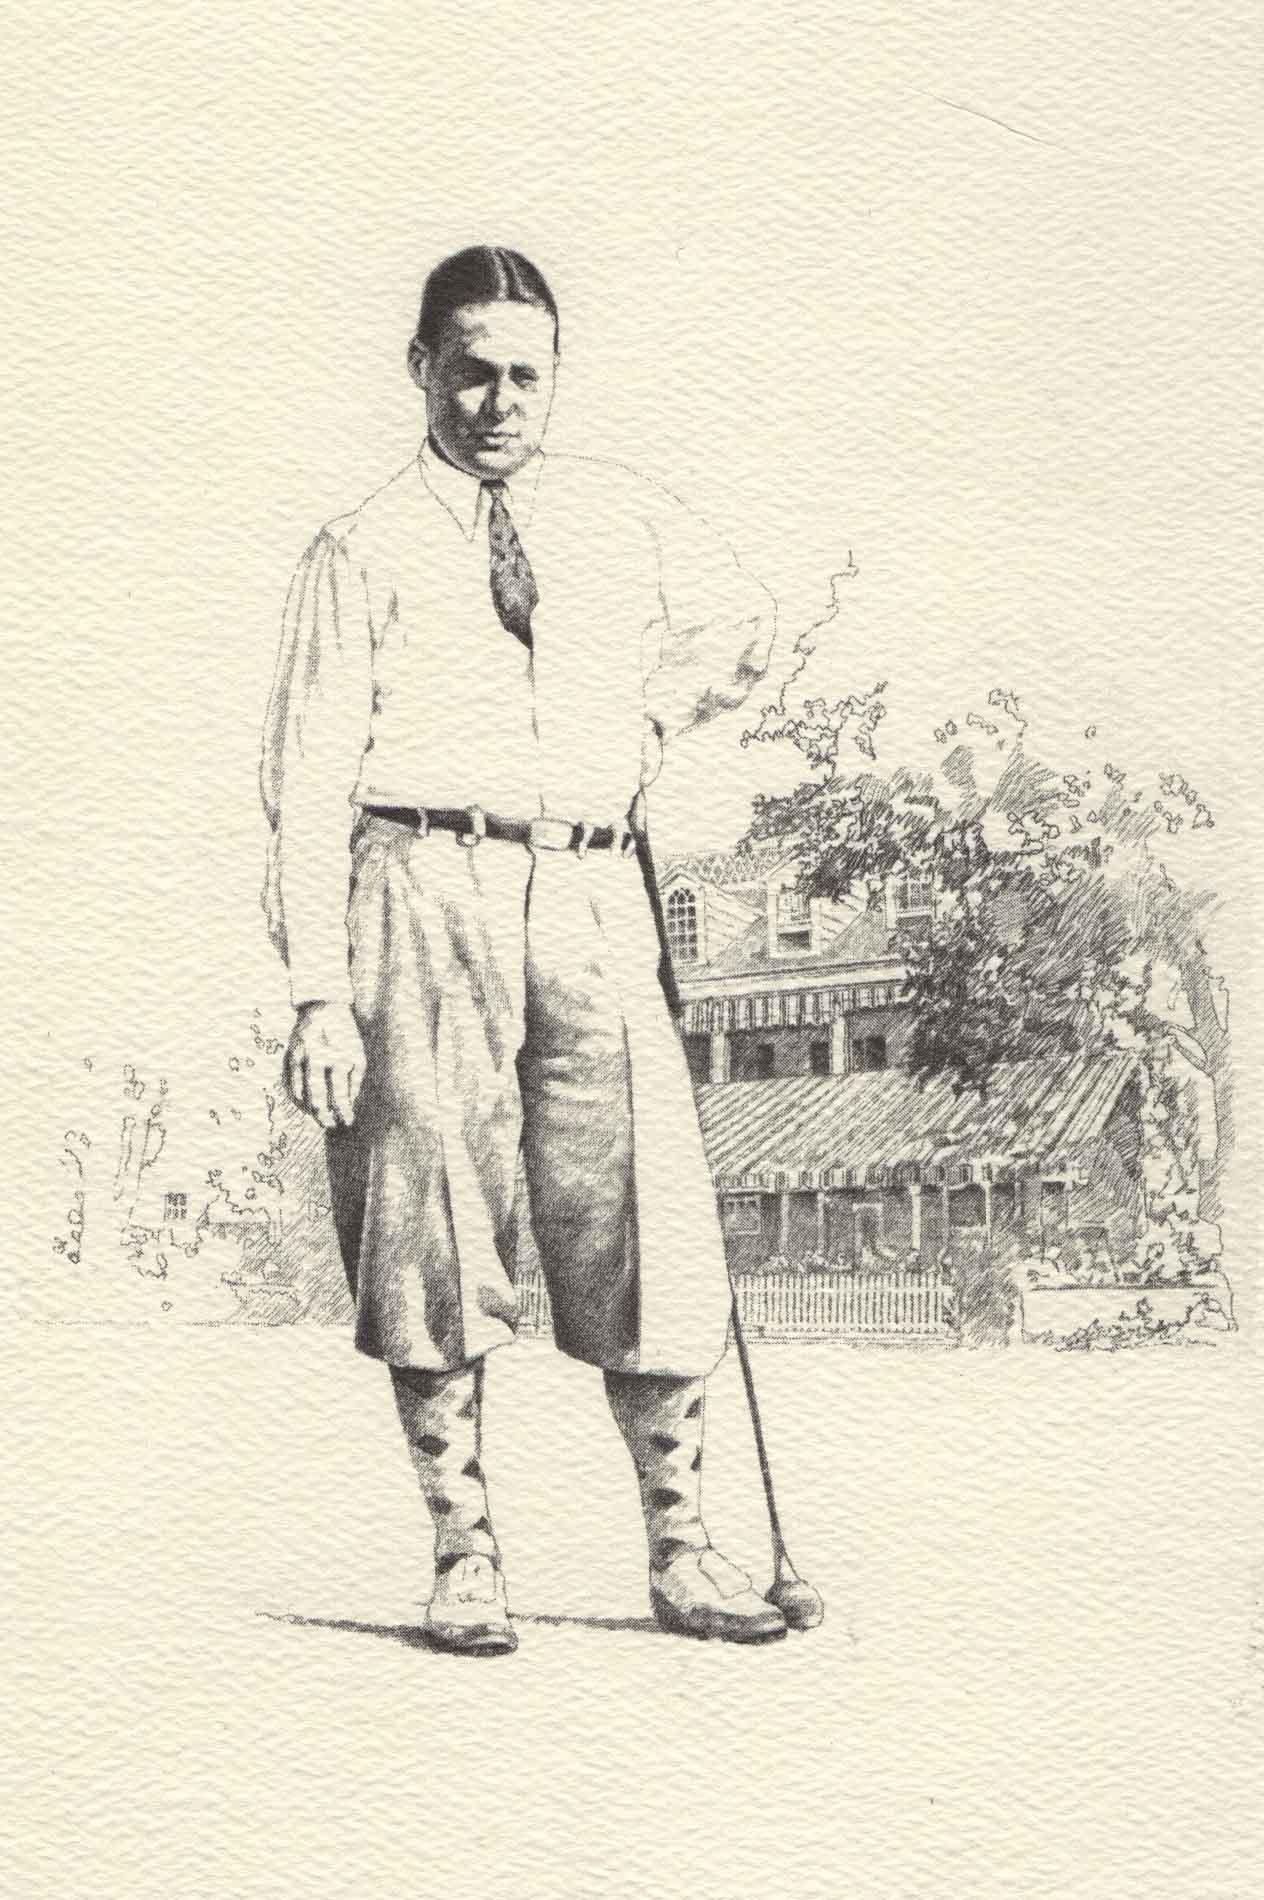 Jones By Kasper Golf Art Com Online Store